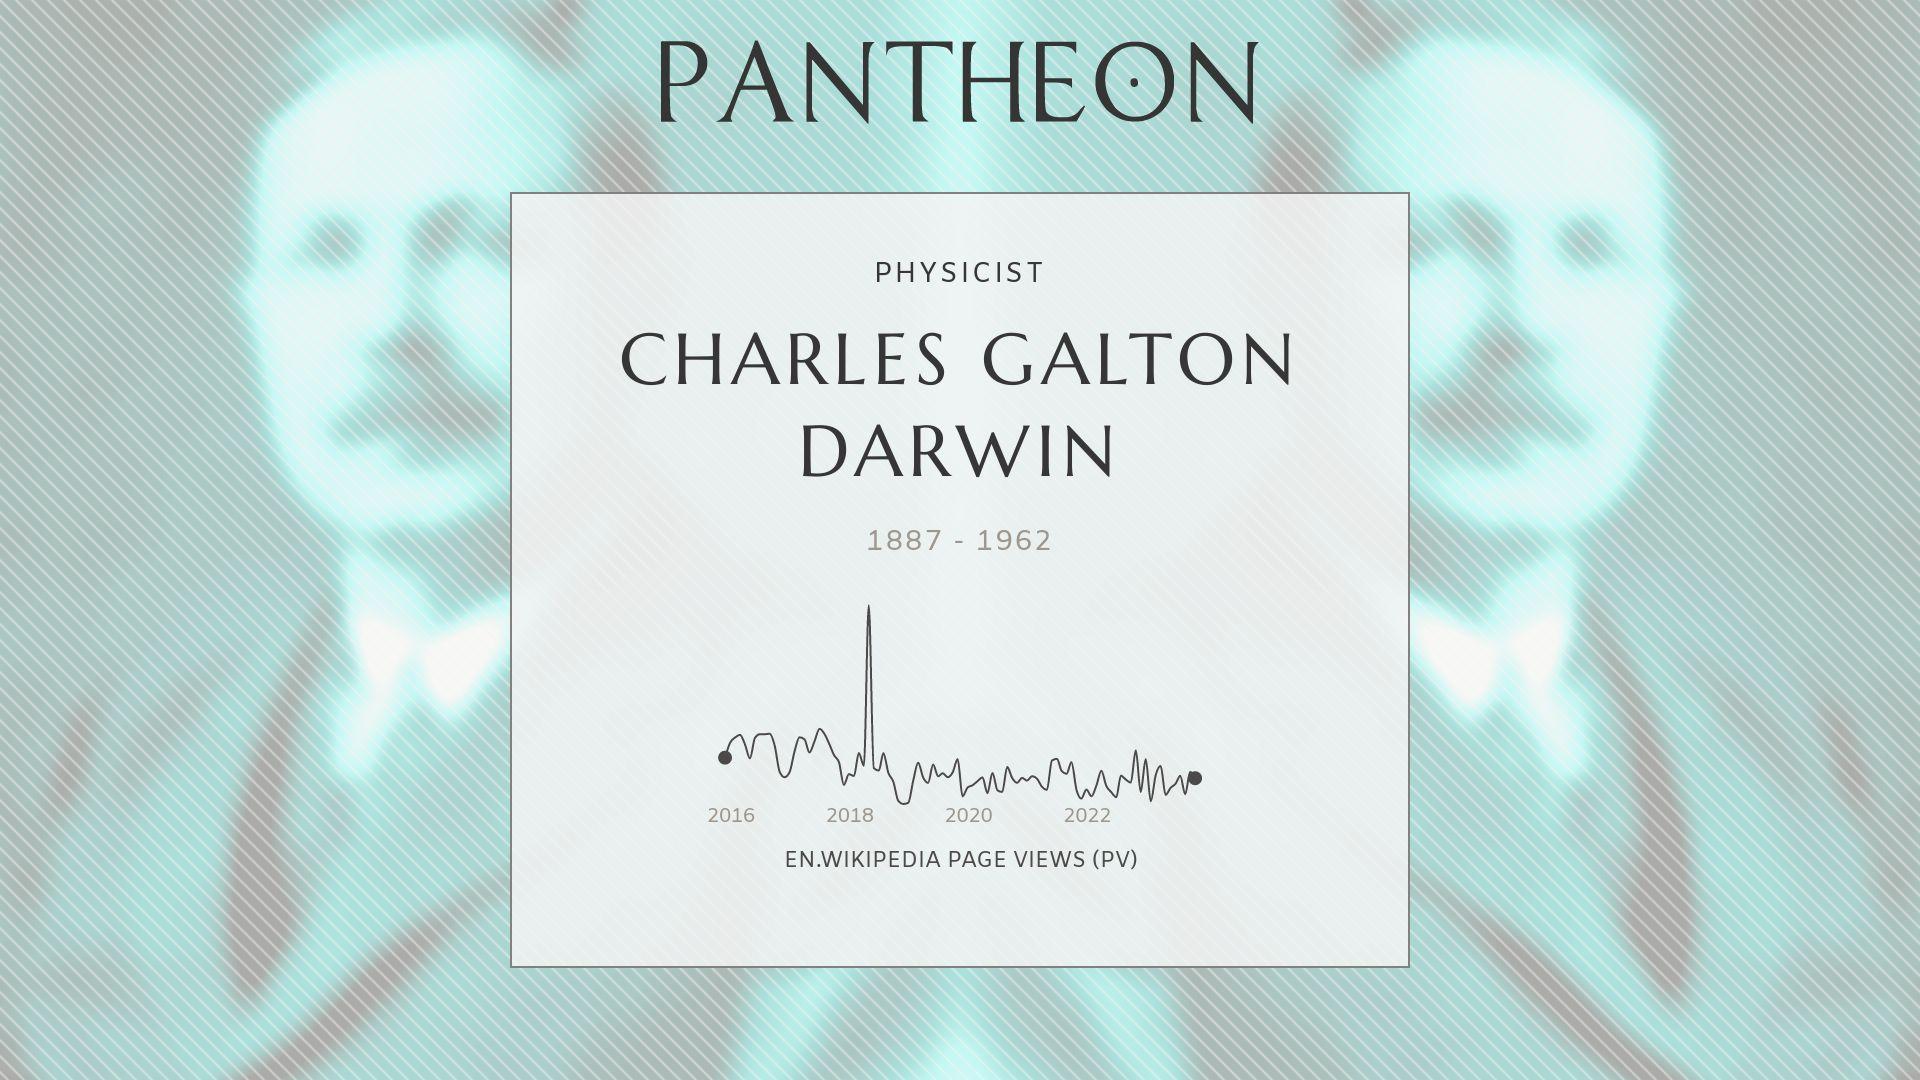 Charles Galton Darwin Biography